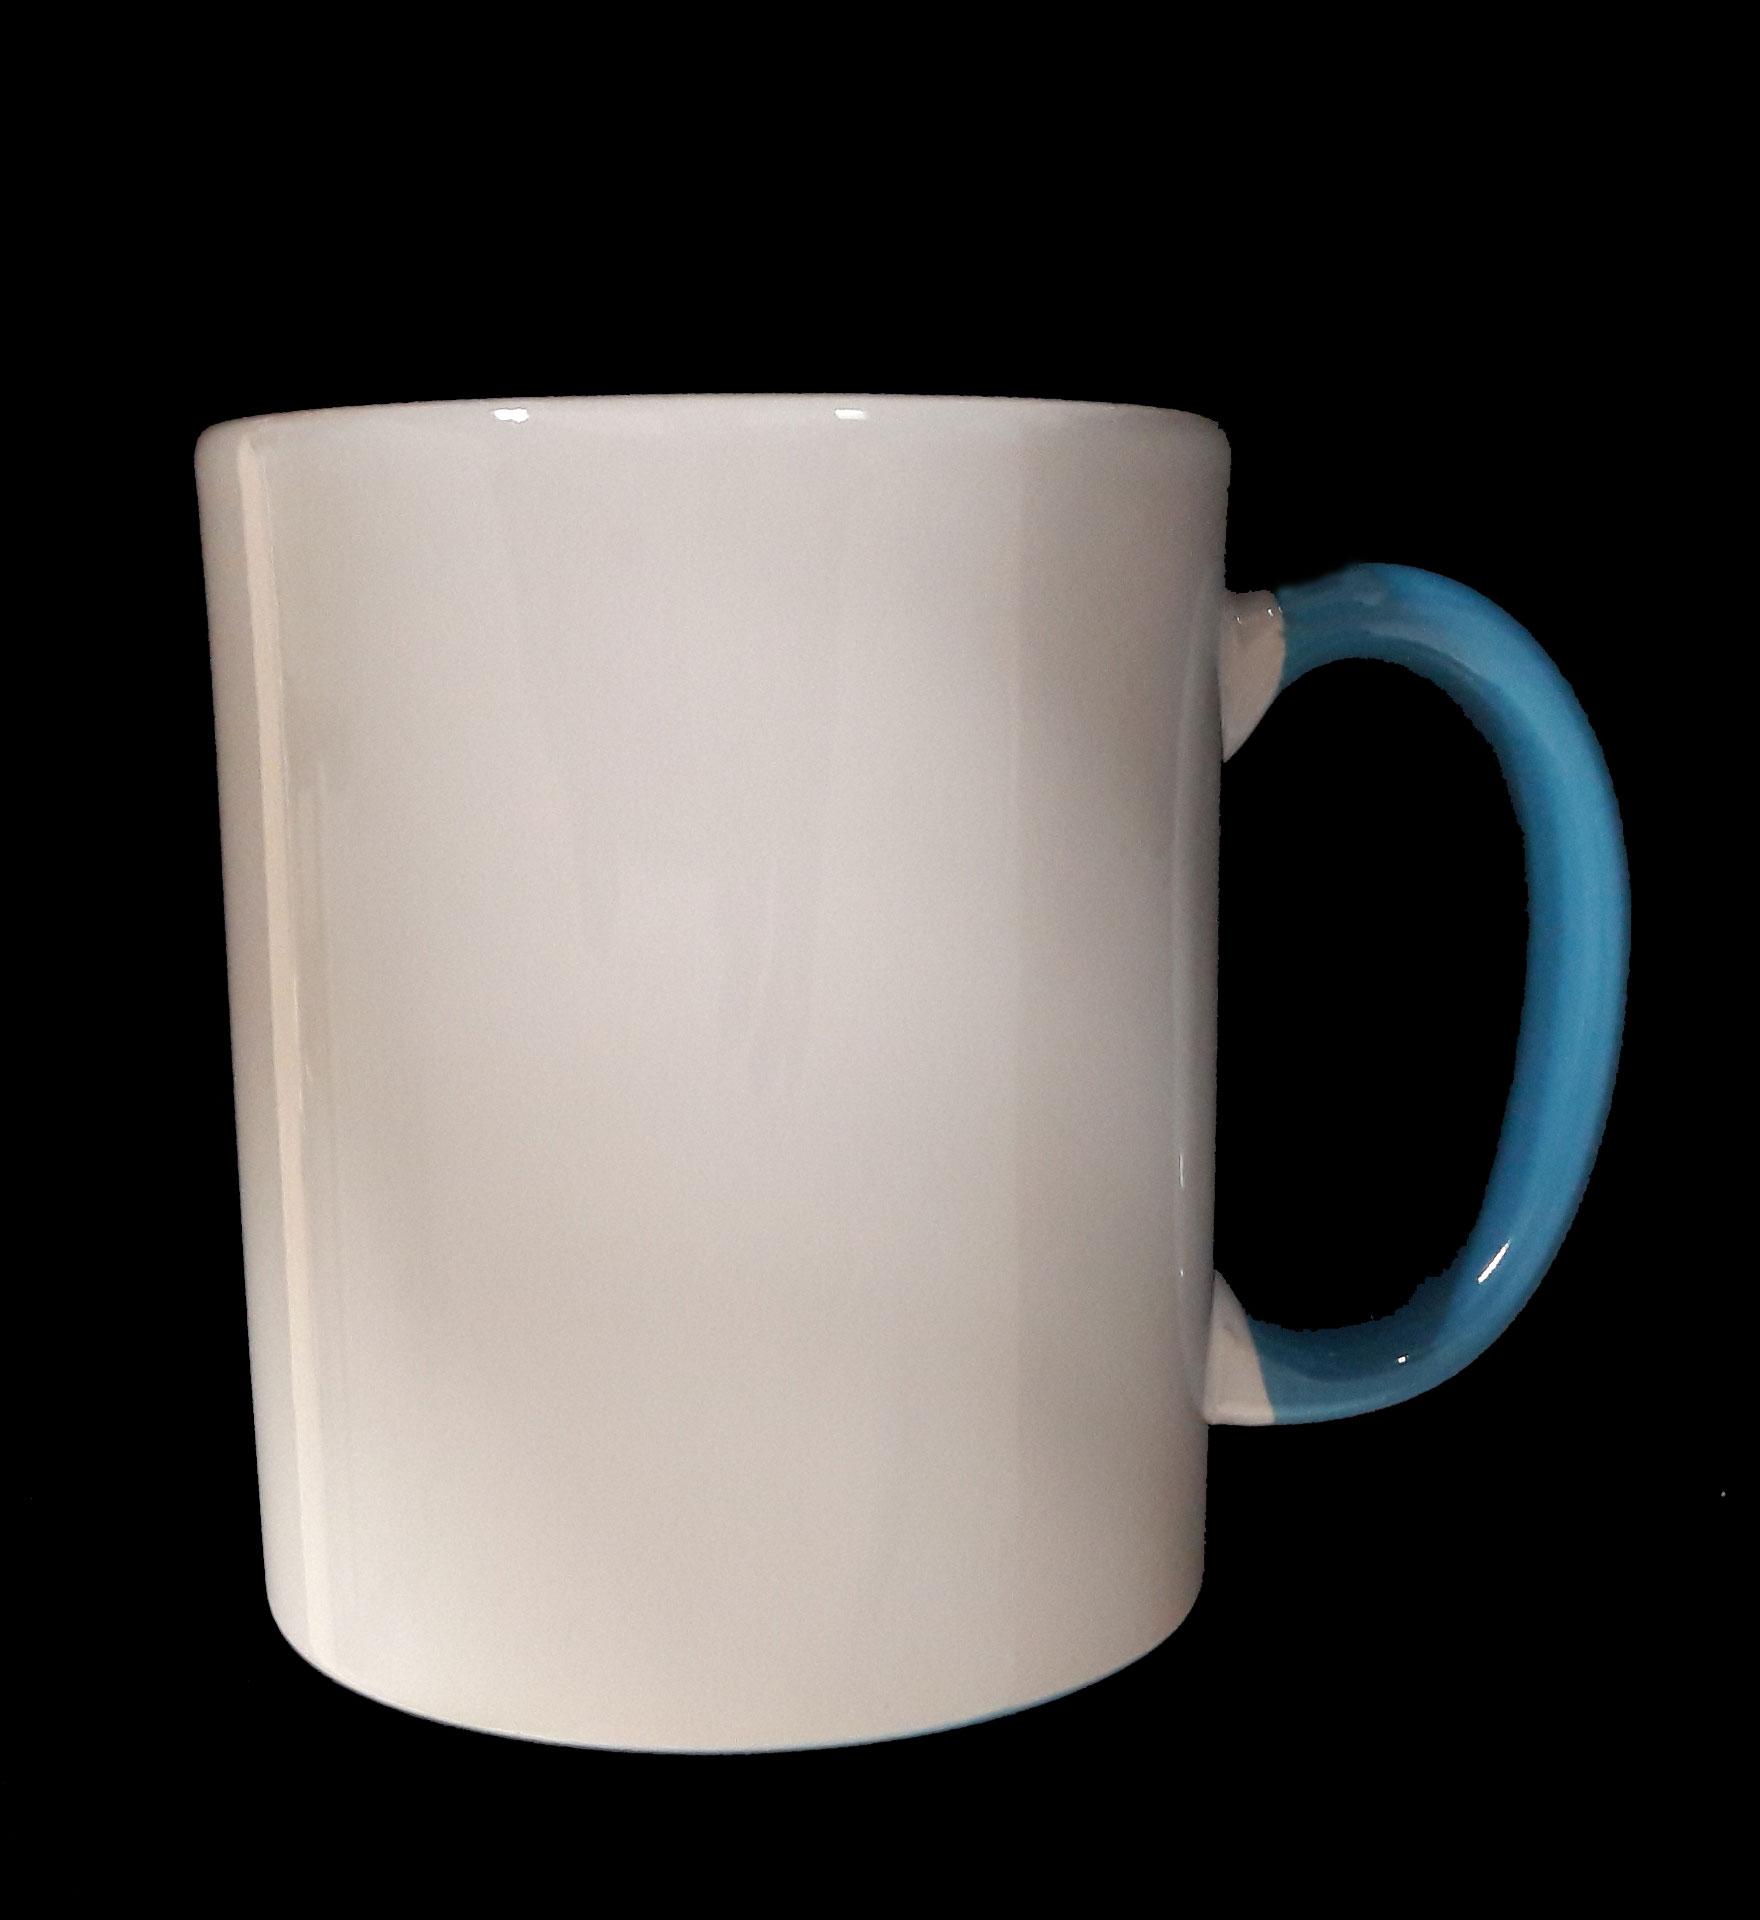 HENKEL ORANGE gün Sublimation 36 Stück Kaffee Tassen Becher WEISS 1,39€//1Stk